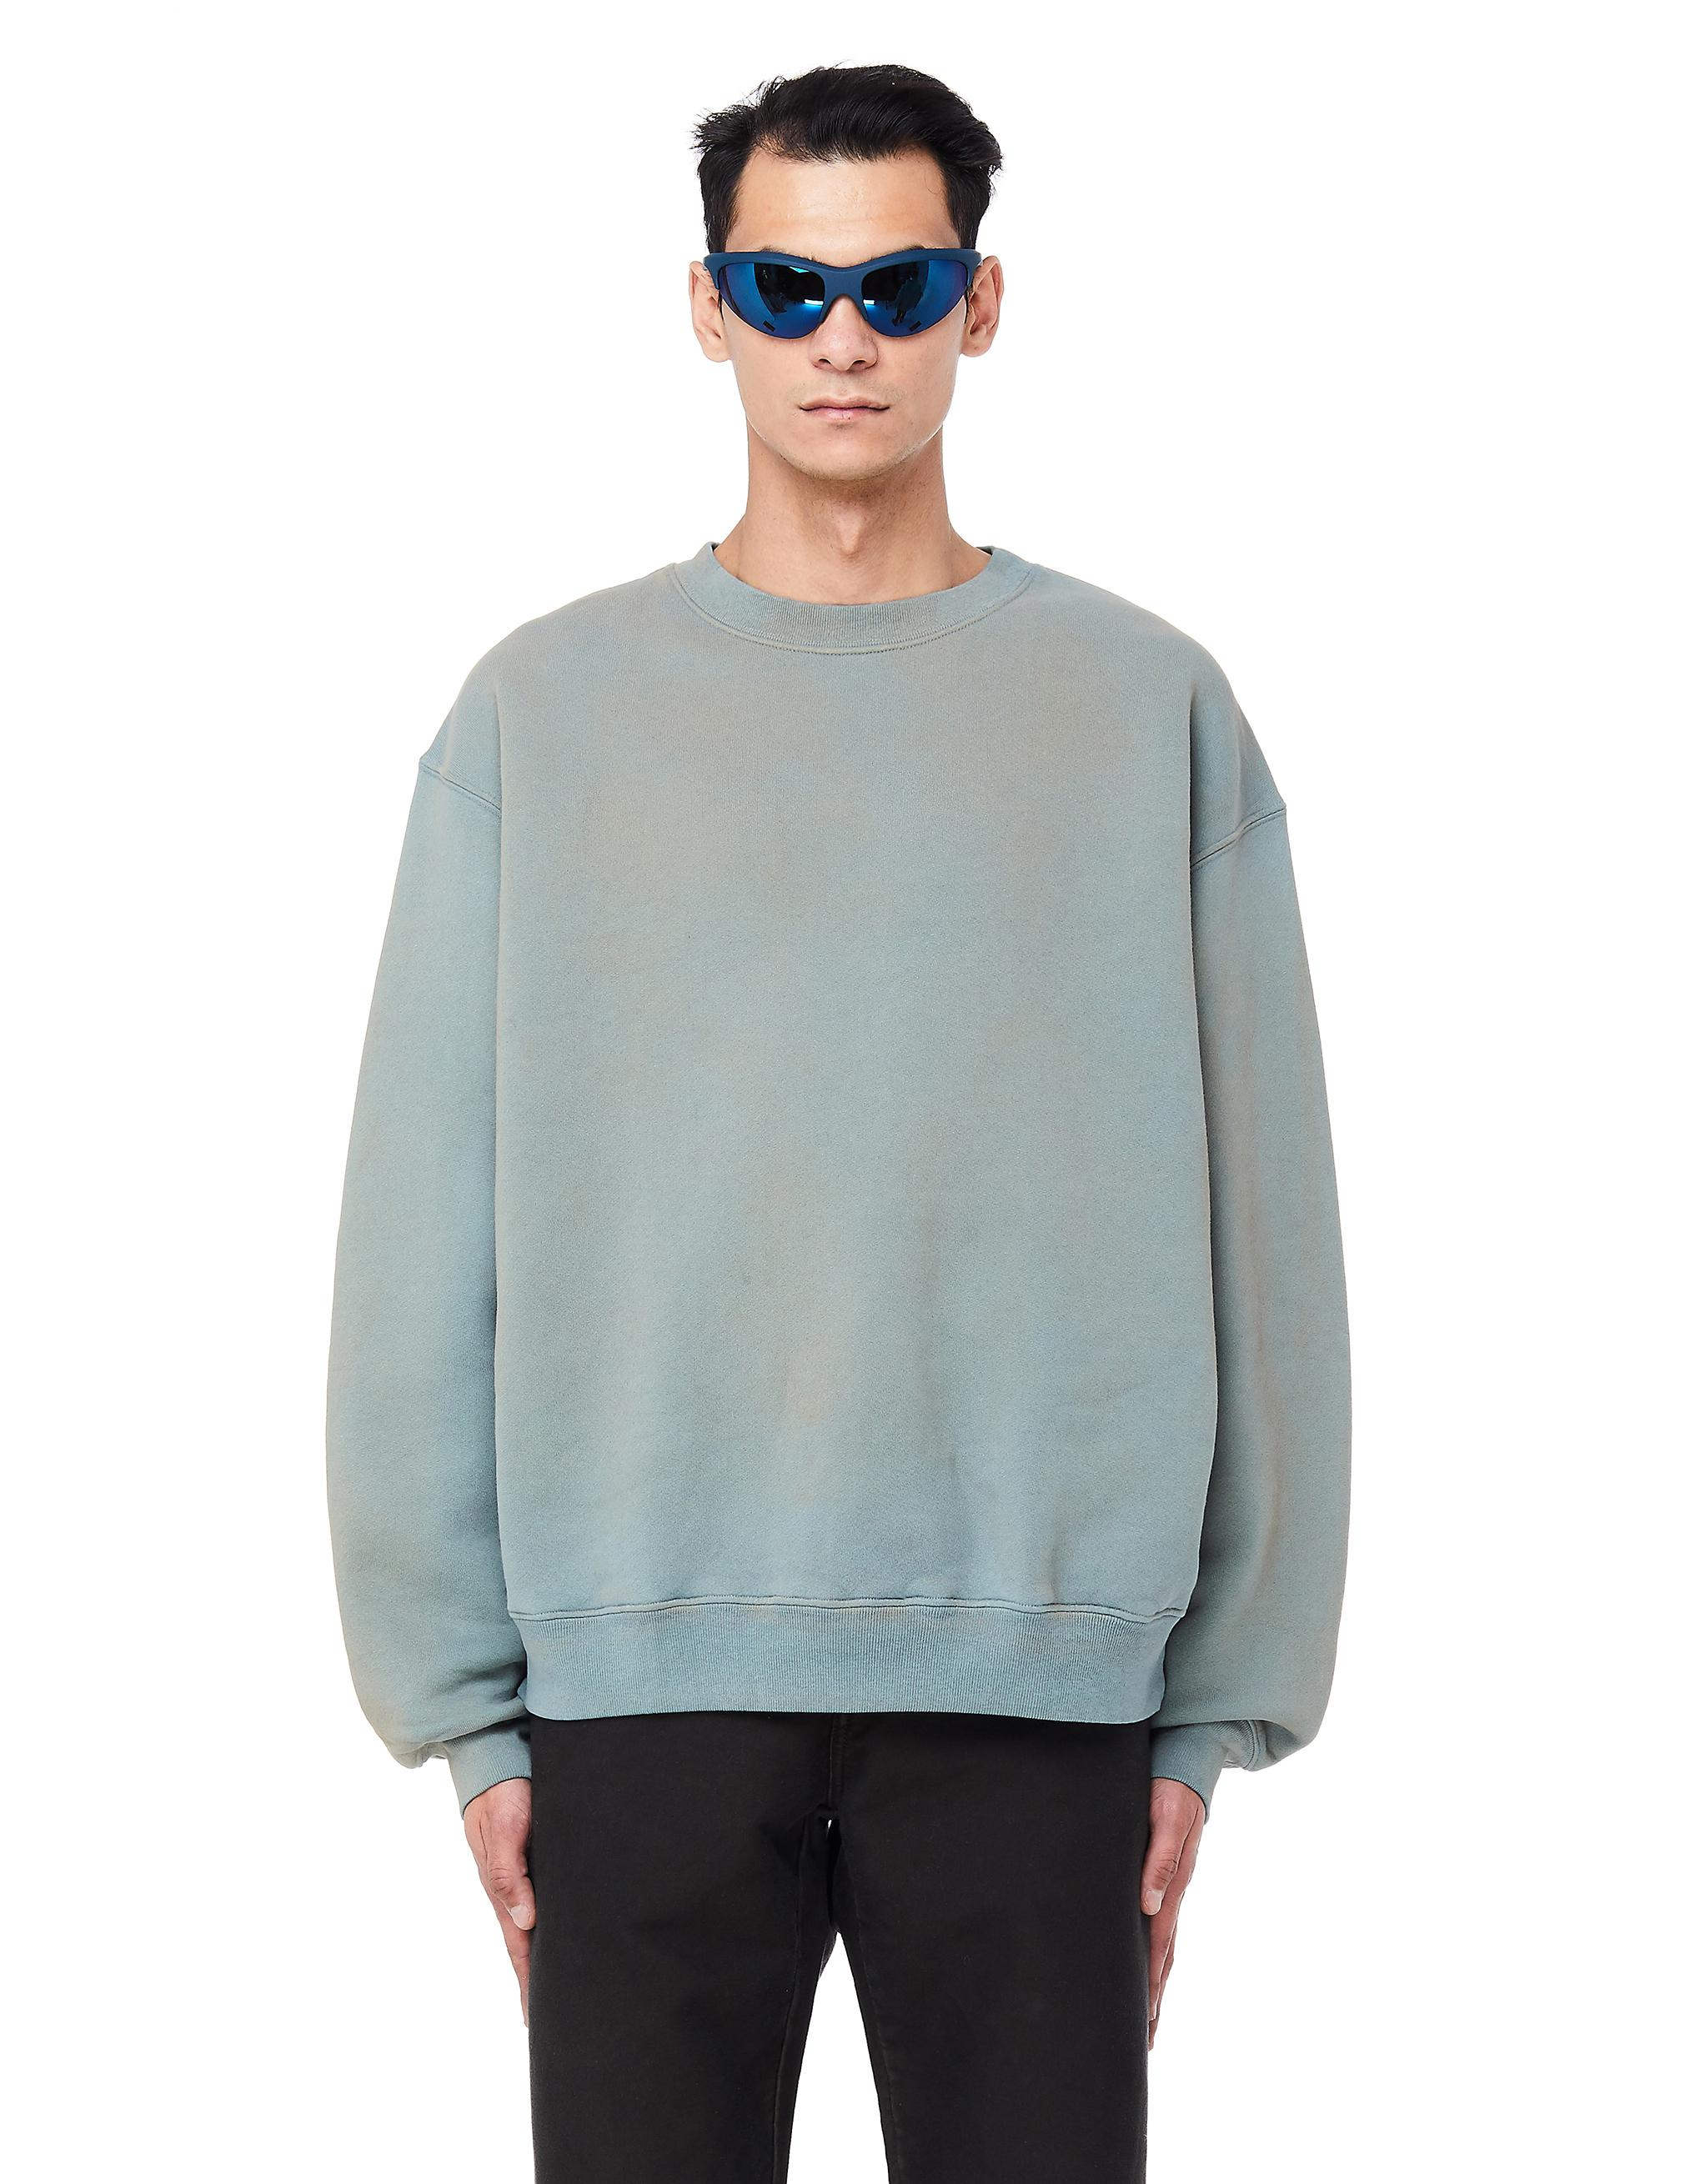 91f8682a5 Lyst - Yeezy Glacier Cotton Sweatshirt in Blue for Men